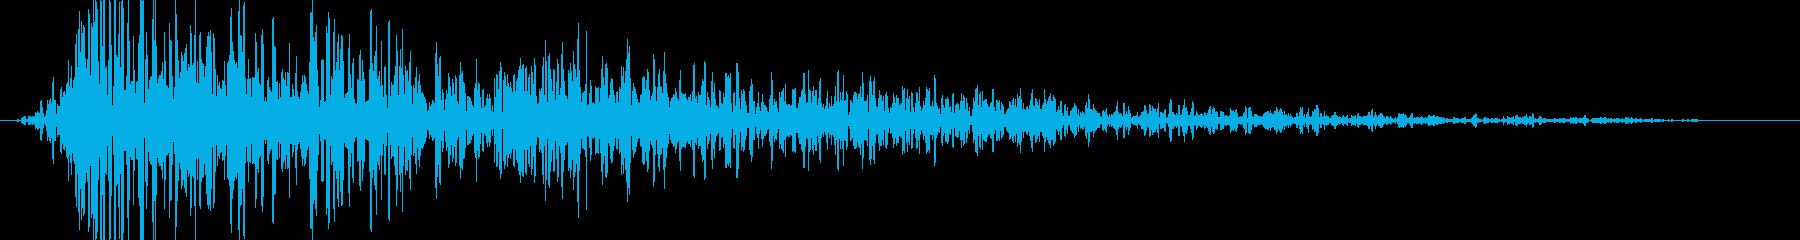 ゴォォ。炎・燃える音B(強・短)の再生済みの波形